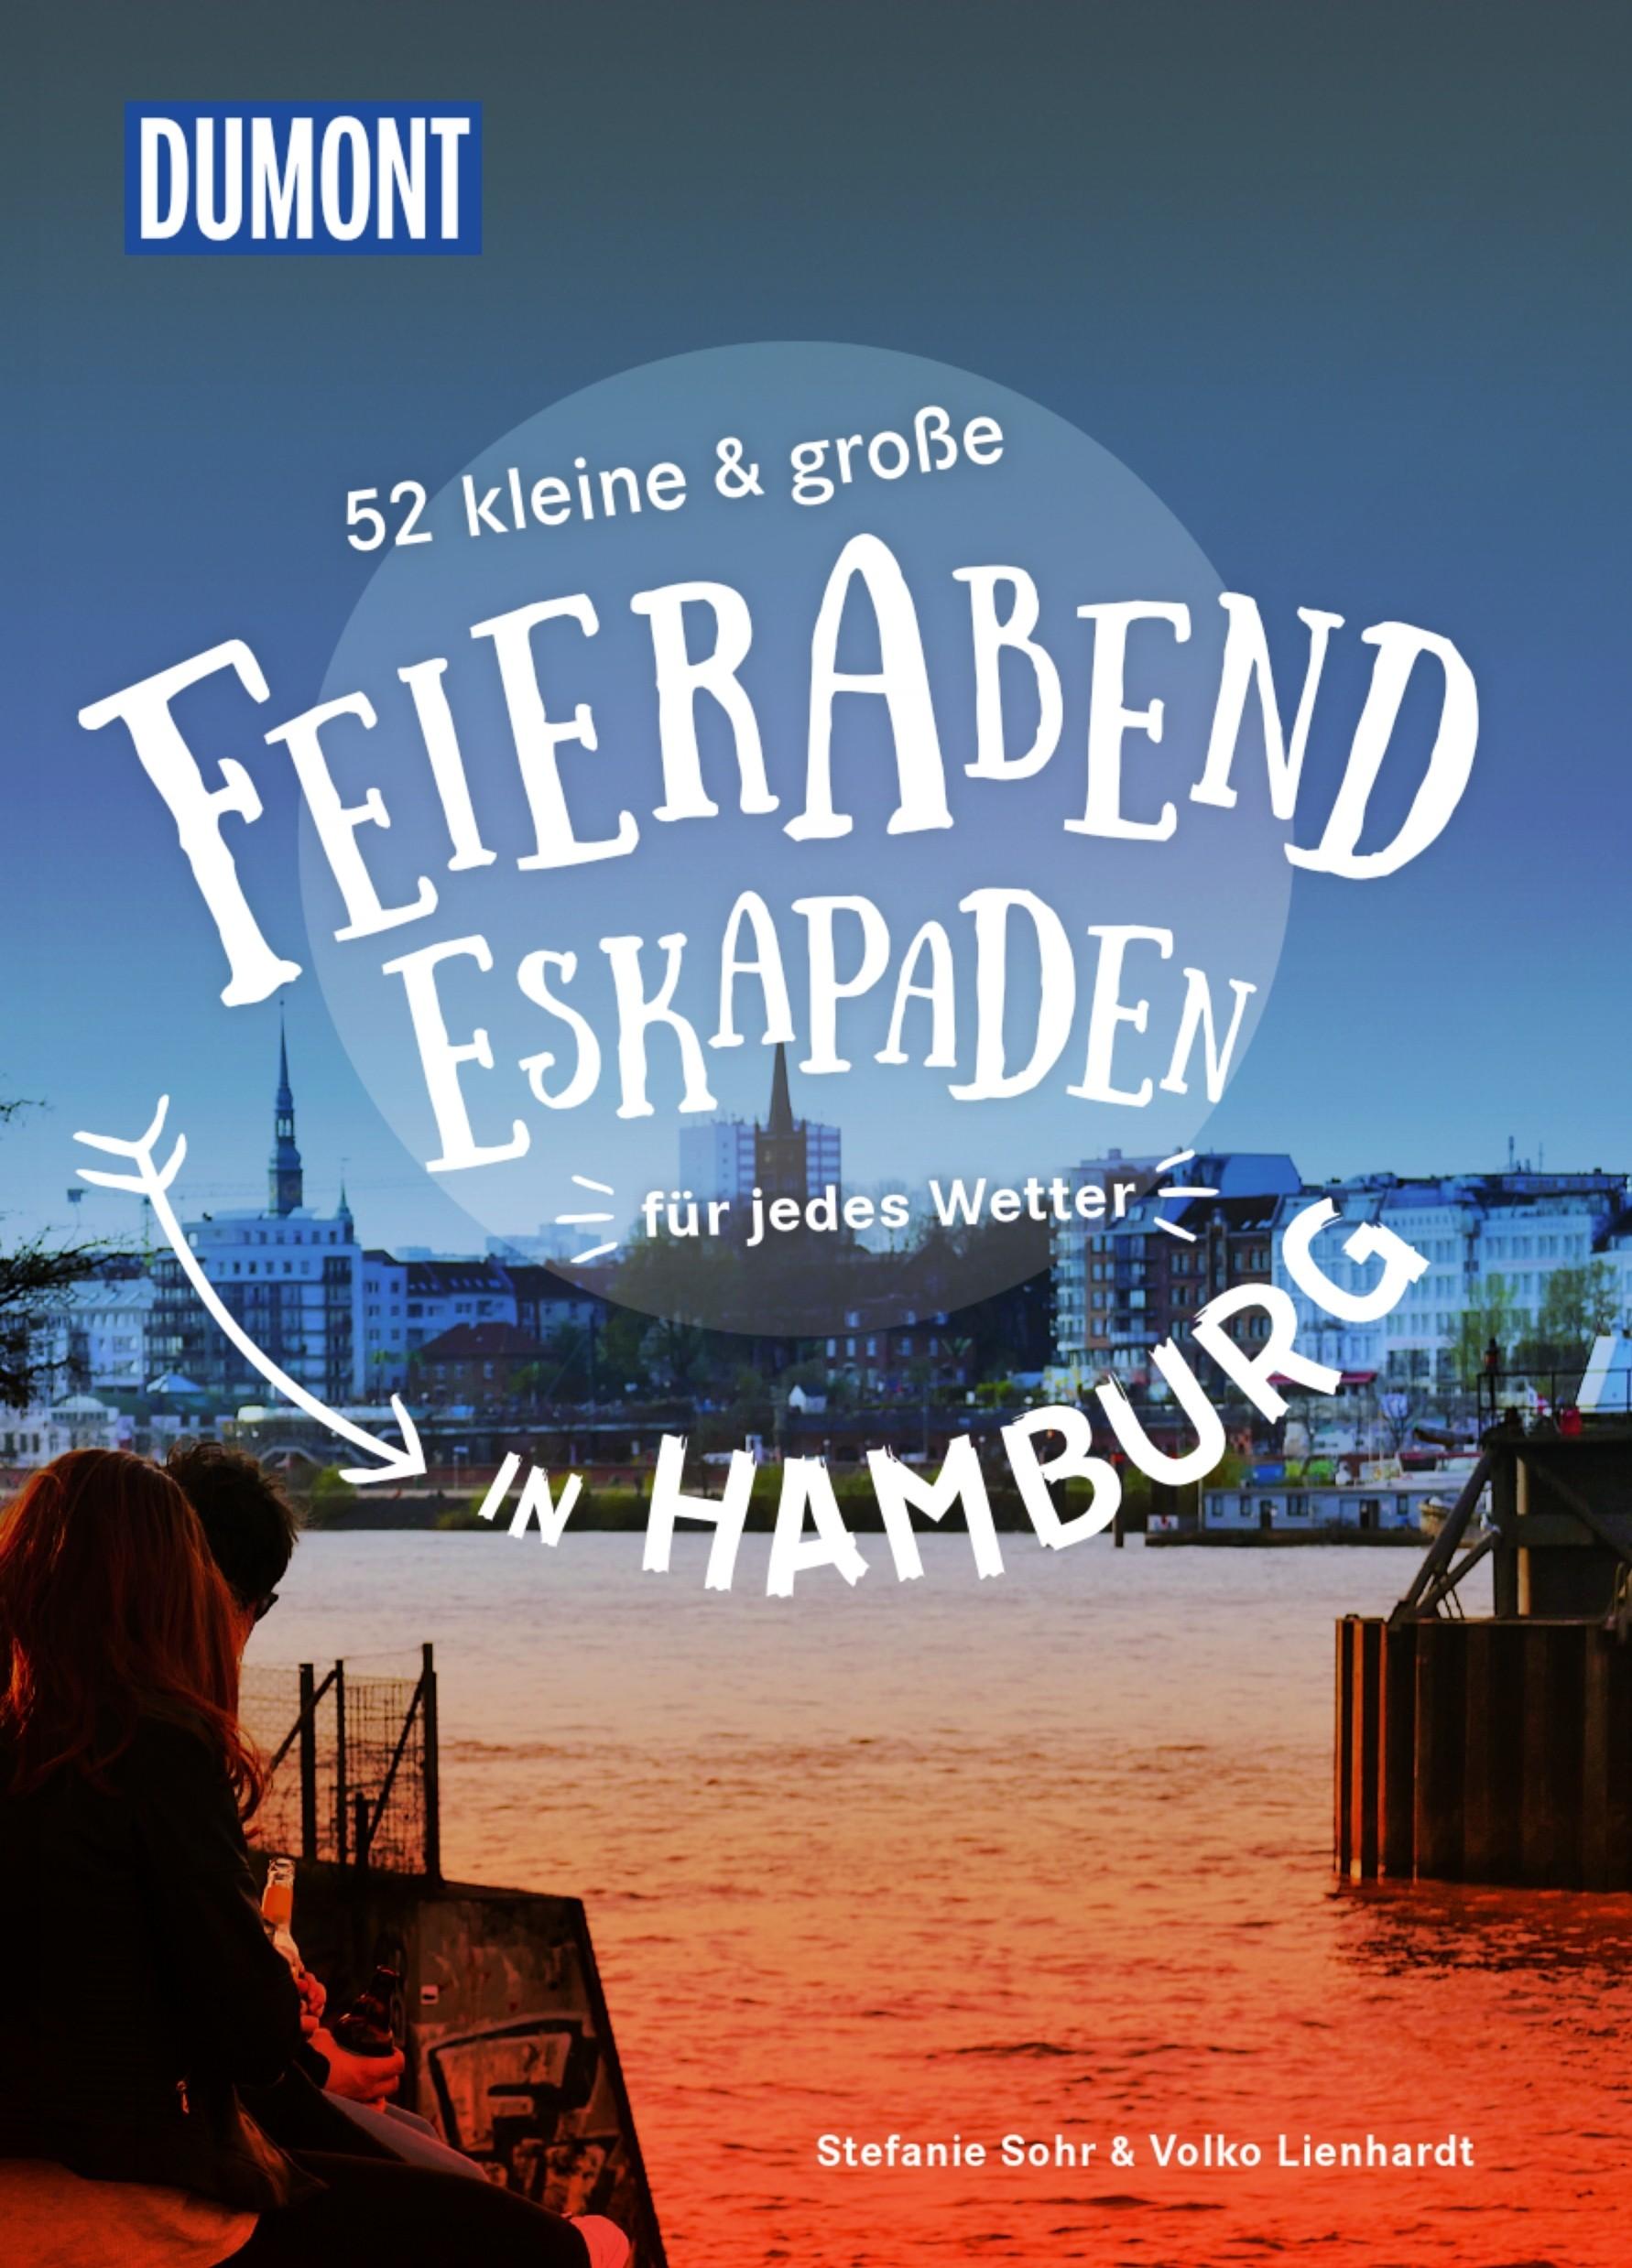 Buchkritik / Rezension 52 KLEINE & GROßE FEIERABENDESKAPADEN HAMBURG aus dem Dumont Verlag, ideal zur Vorbereitung auf einen Hamburg-Trip